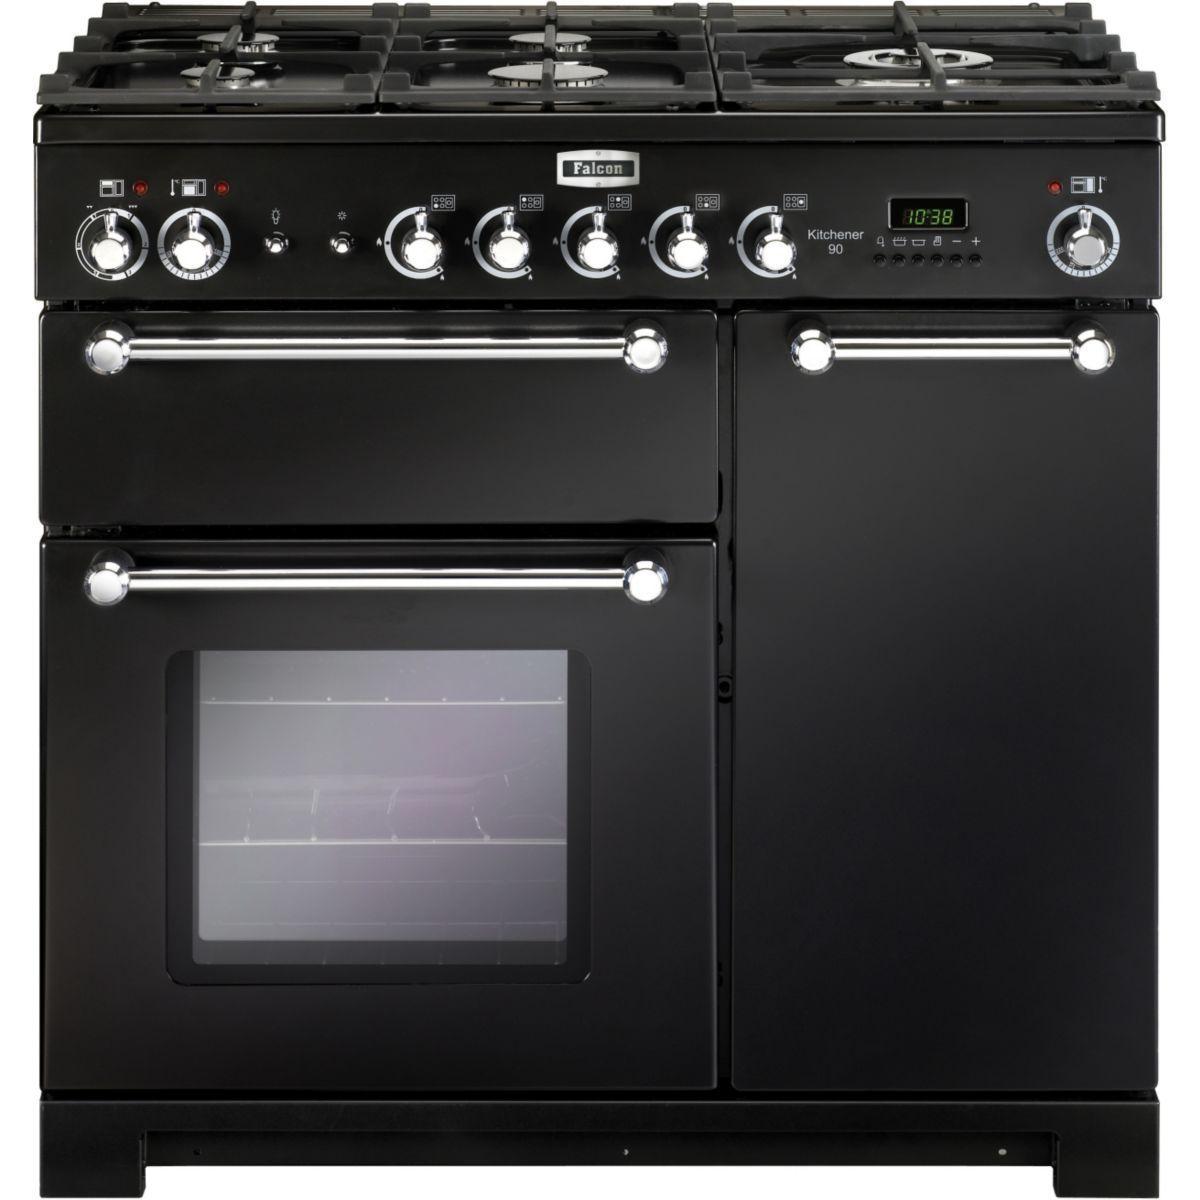 Piano de cuisson gaz falcon kitchener 90 mixte noir chrome - 20% de remise imm�diate avec le code : gam20 (photo)